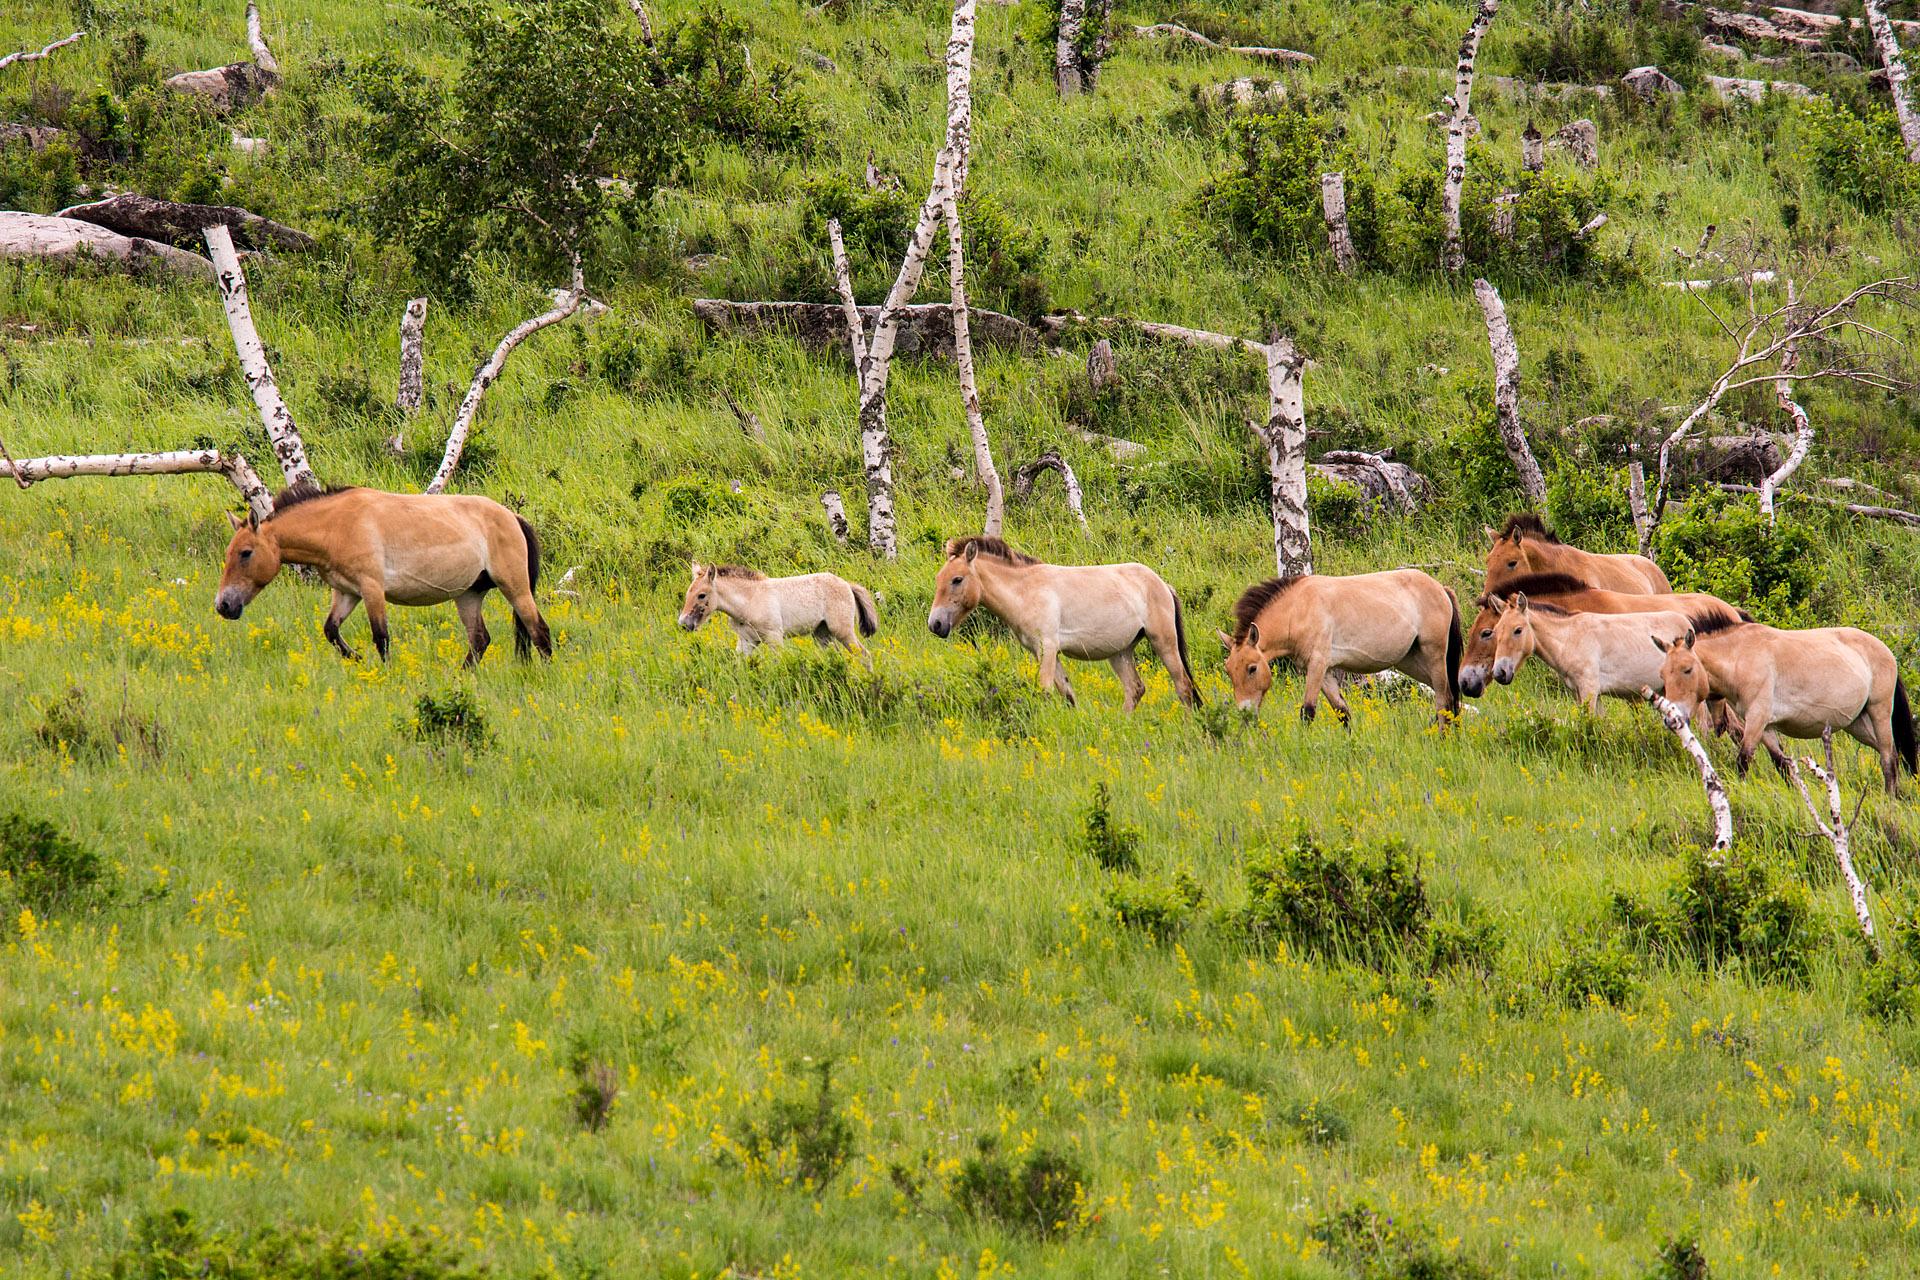 Takhi (Przewalski) horses